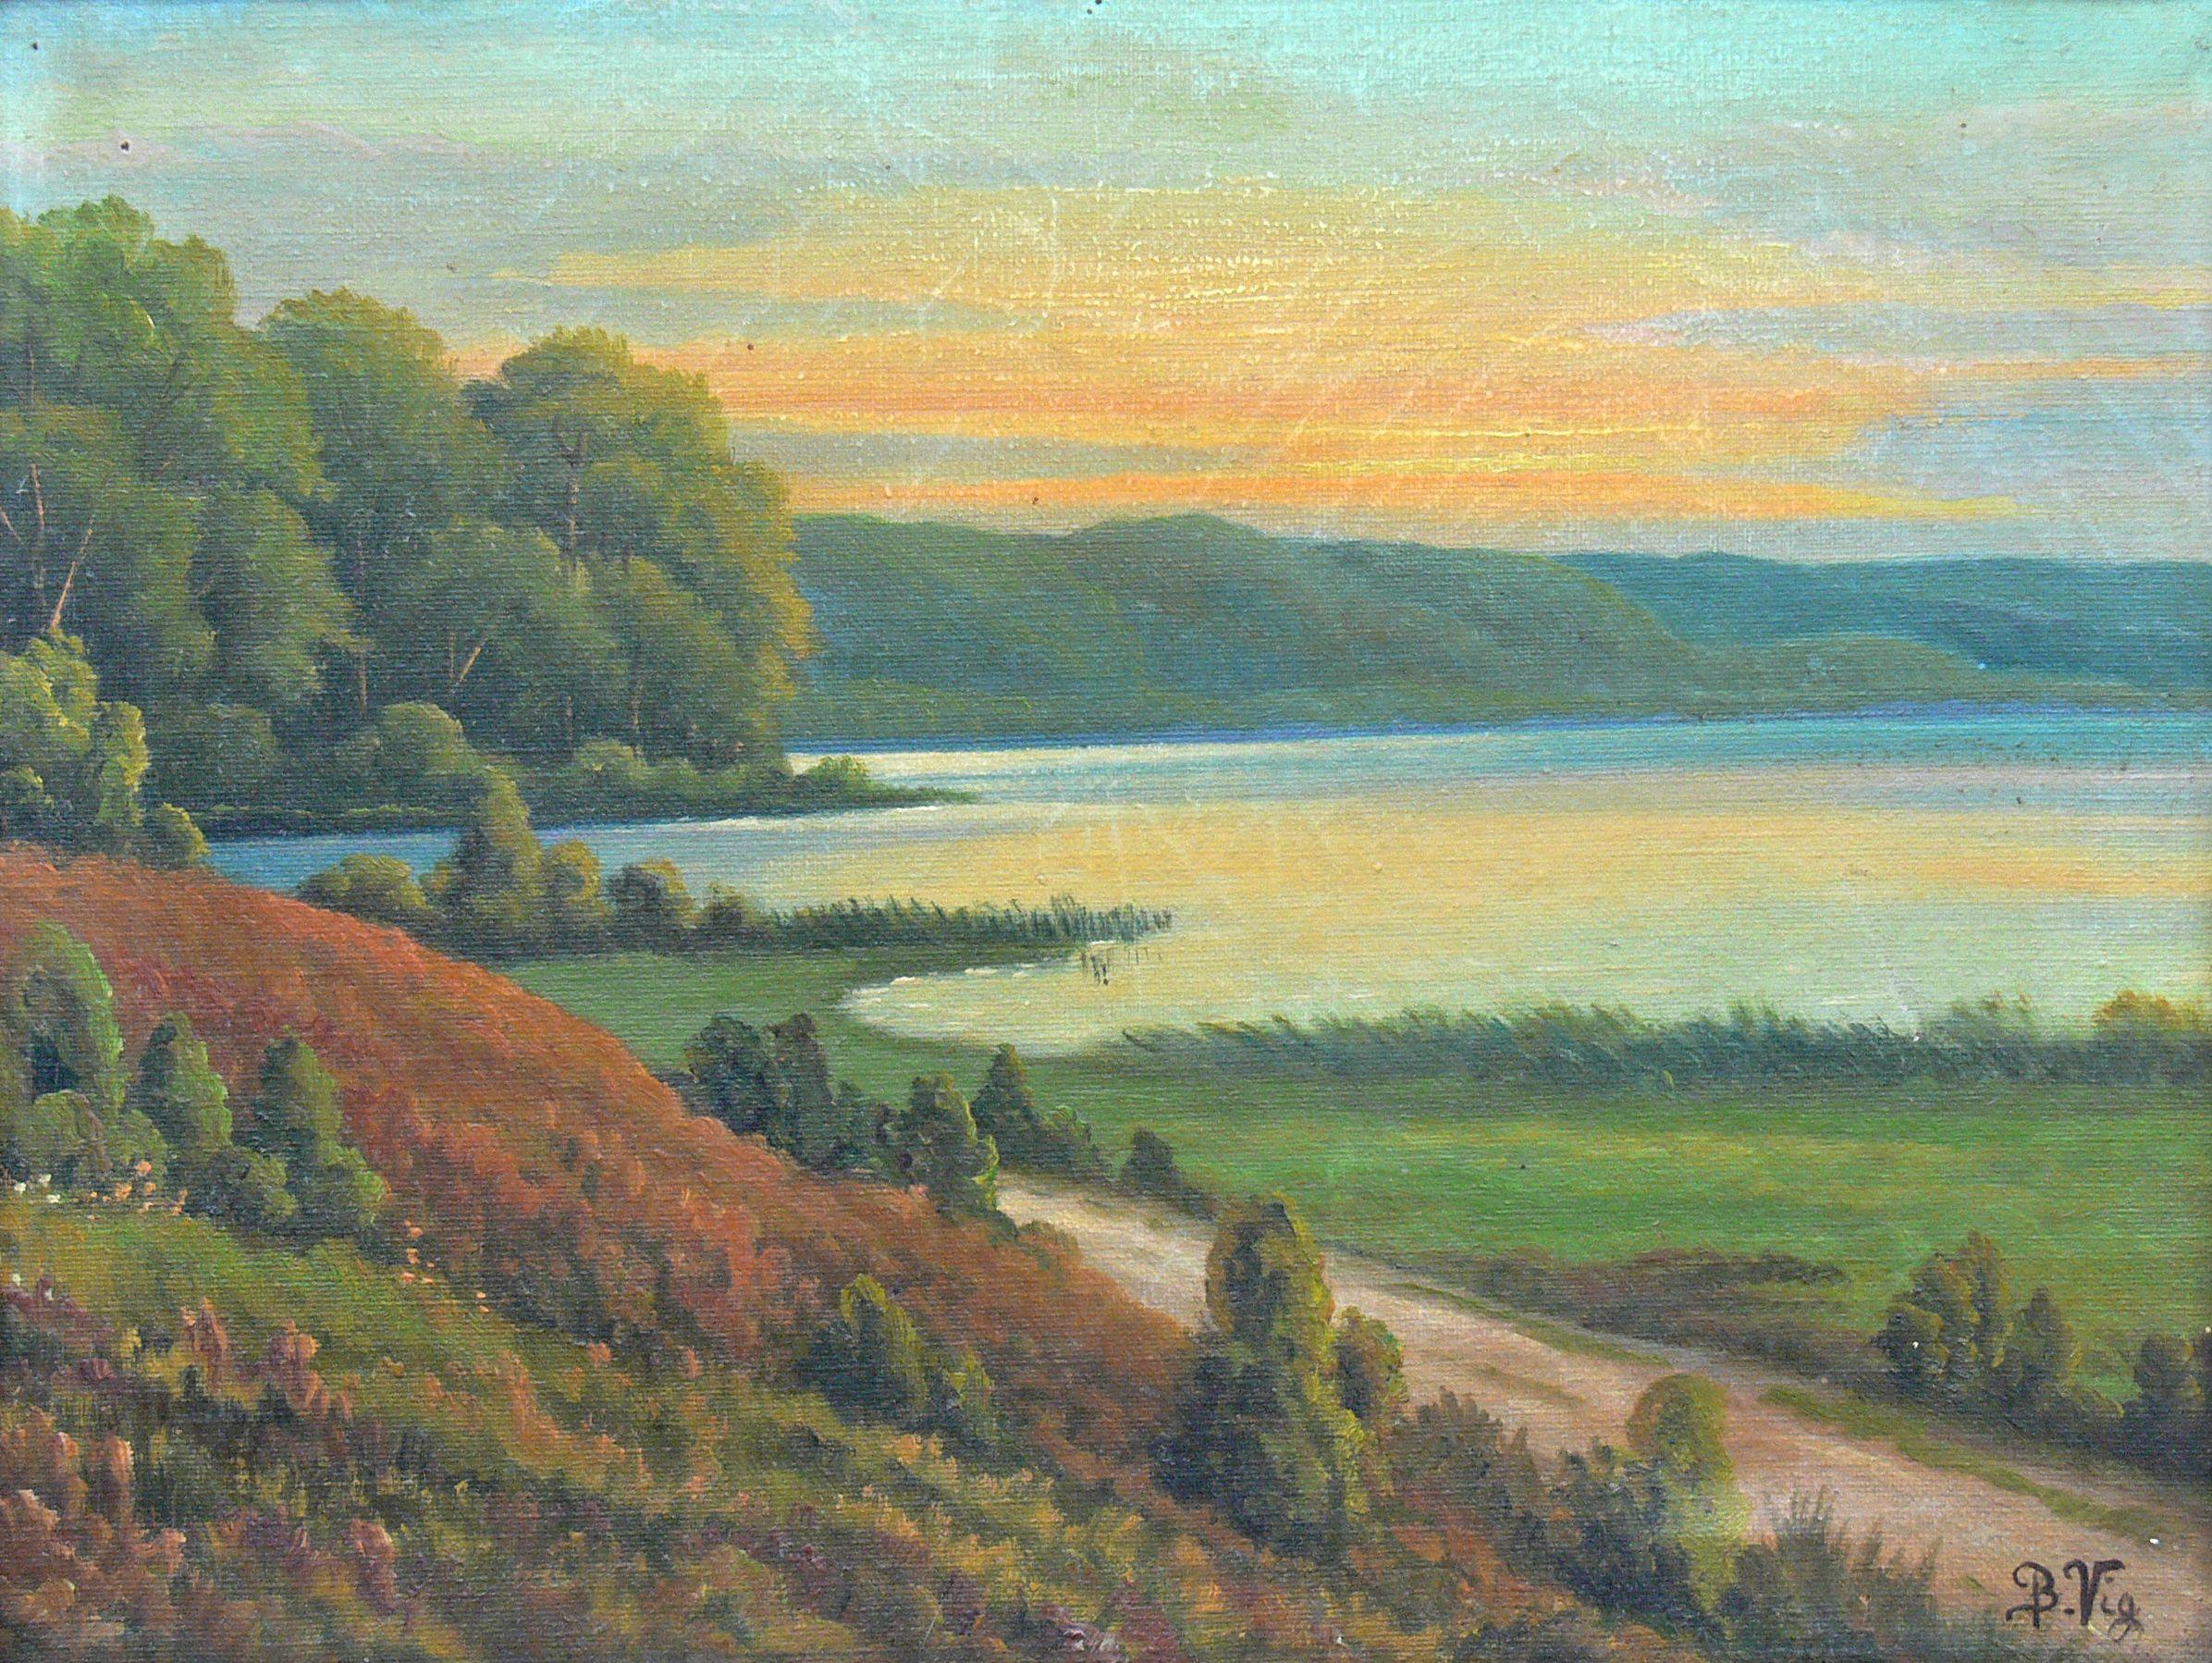 artysta-nieokreslony-pejzaz-z-jeziorem